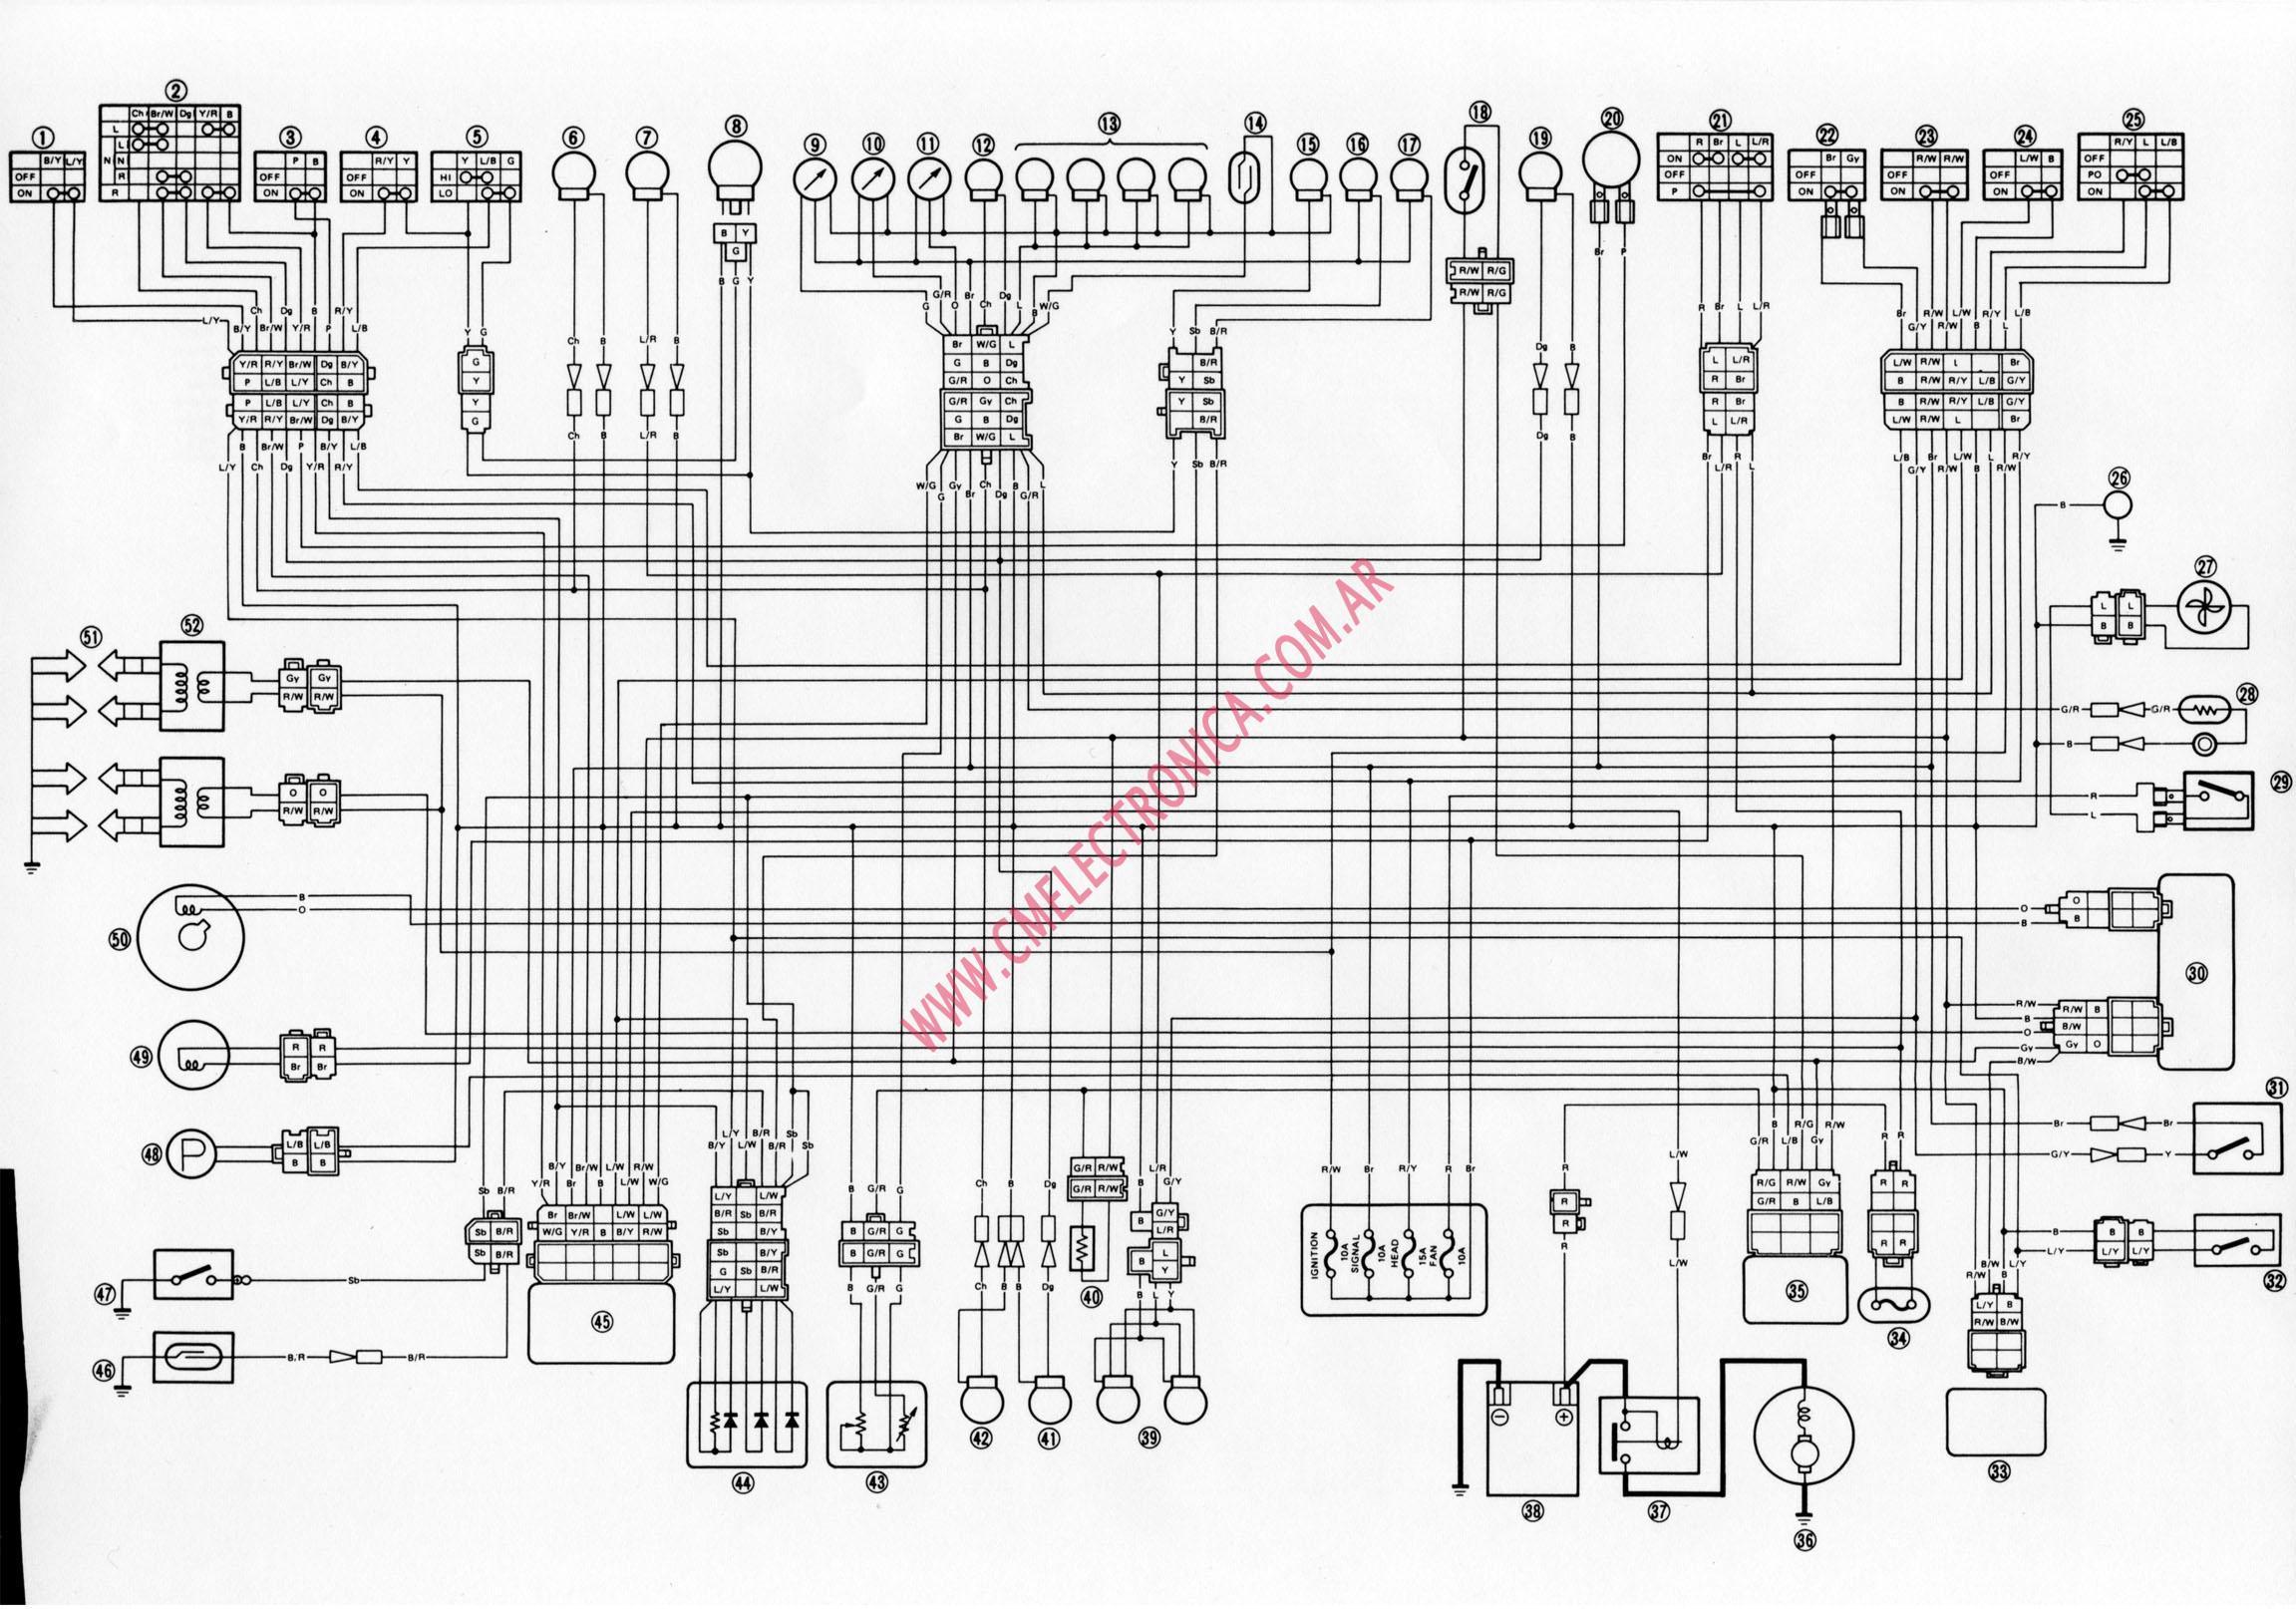 Schema electrique 600 fzr